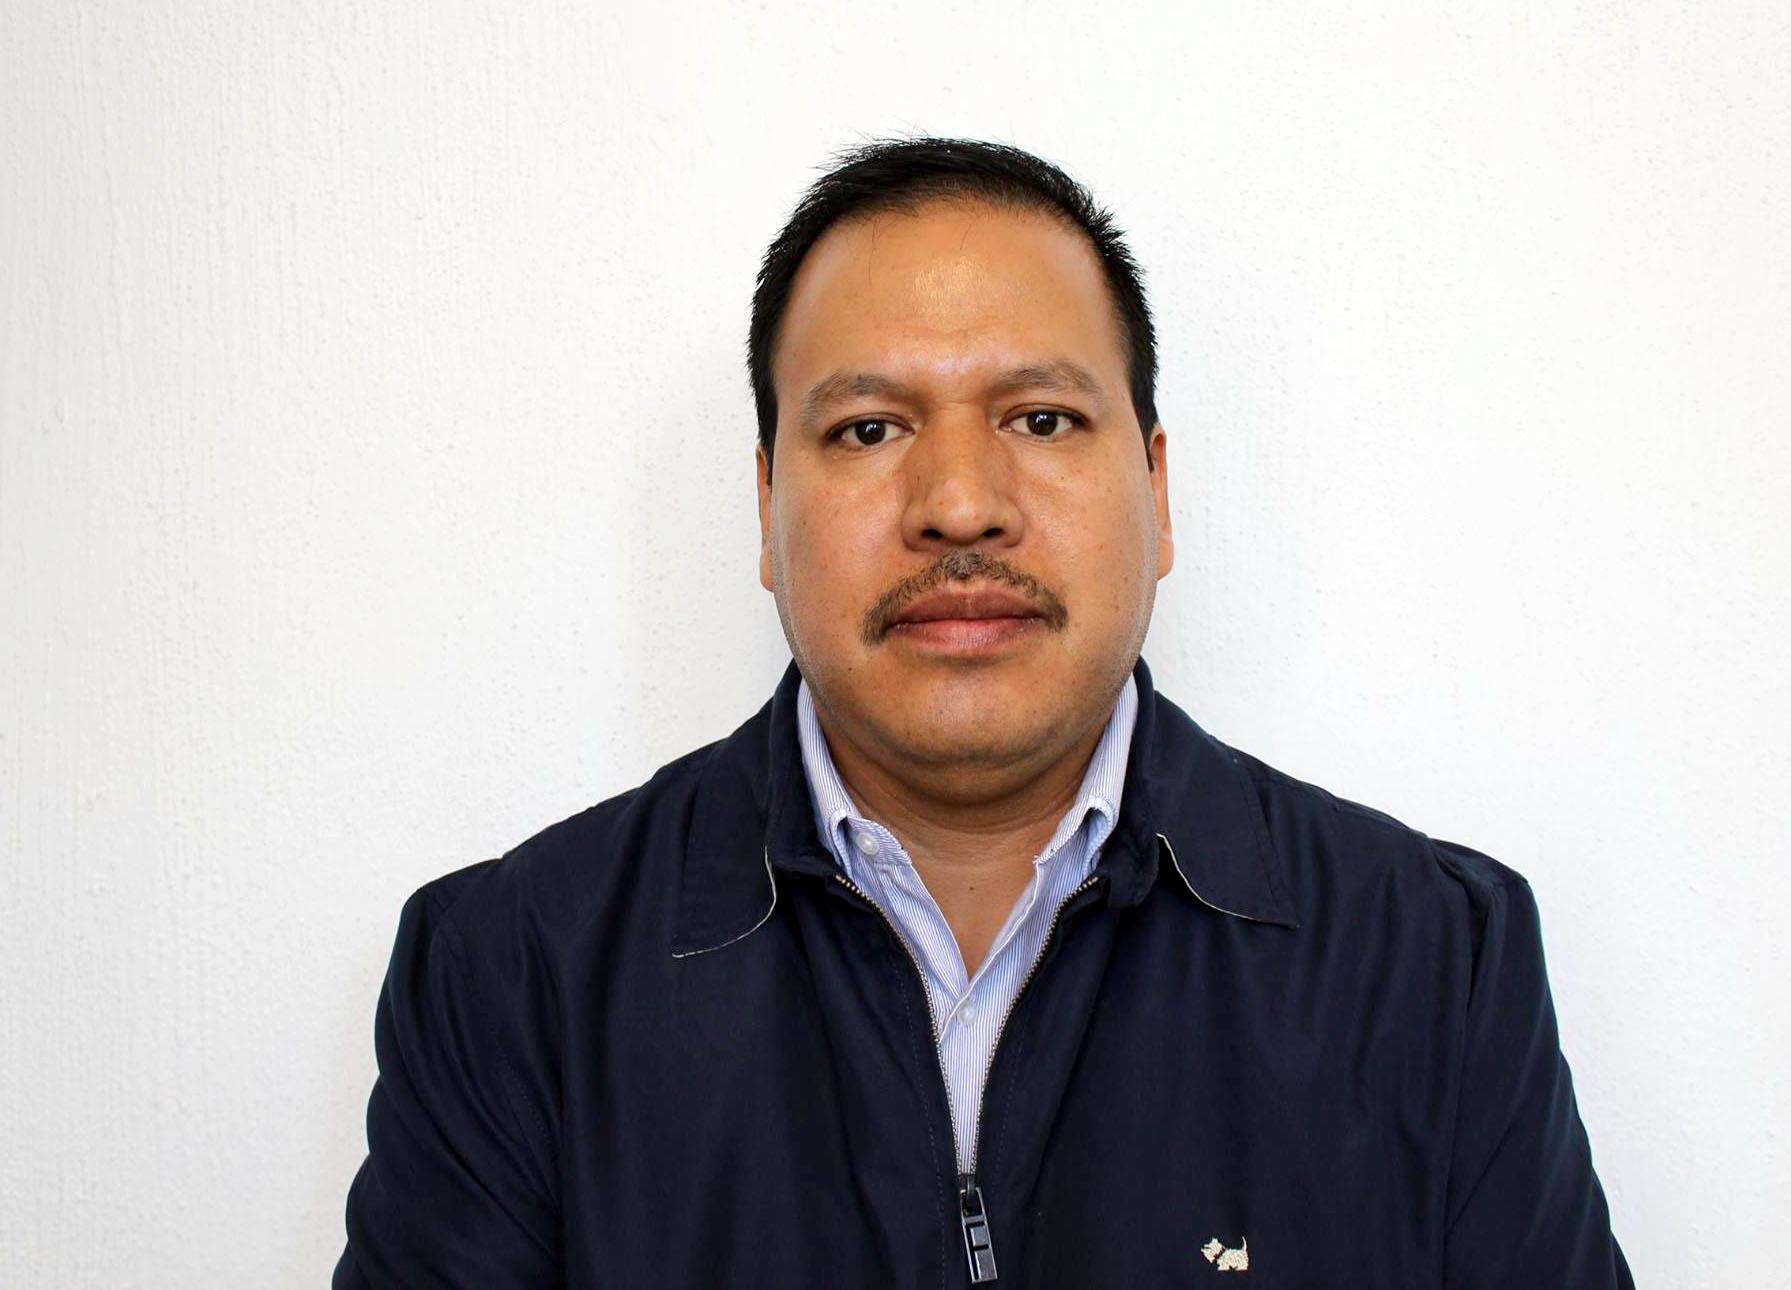 Dr. Juan Hugo García Lopez candidato a Rector del CULagos